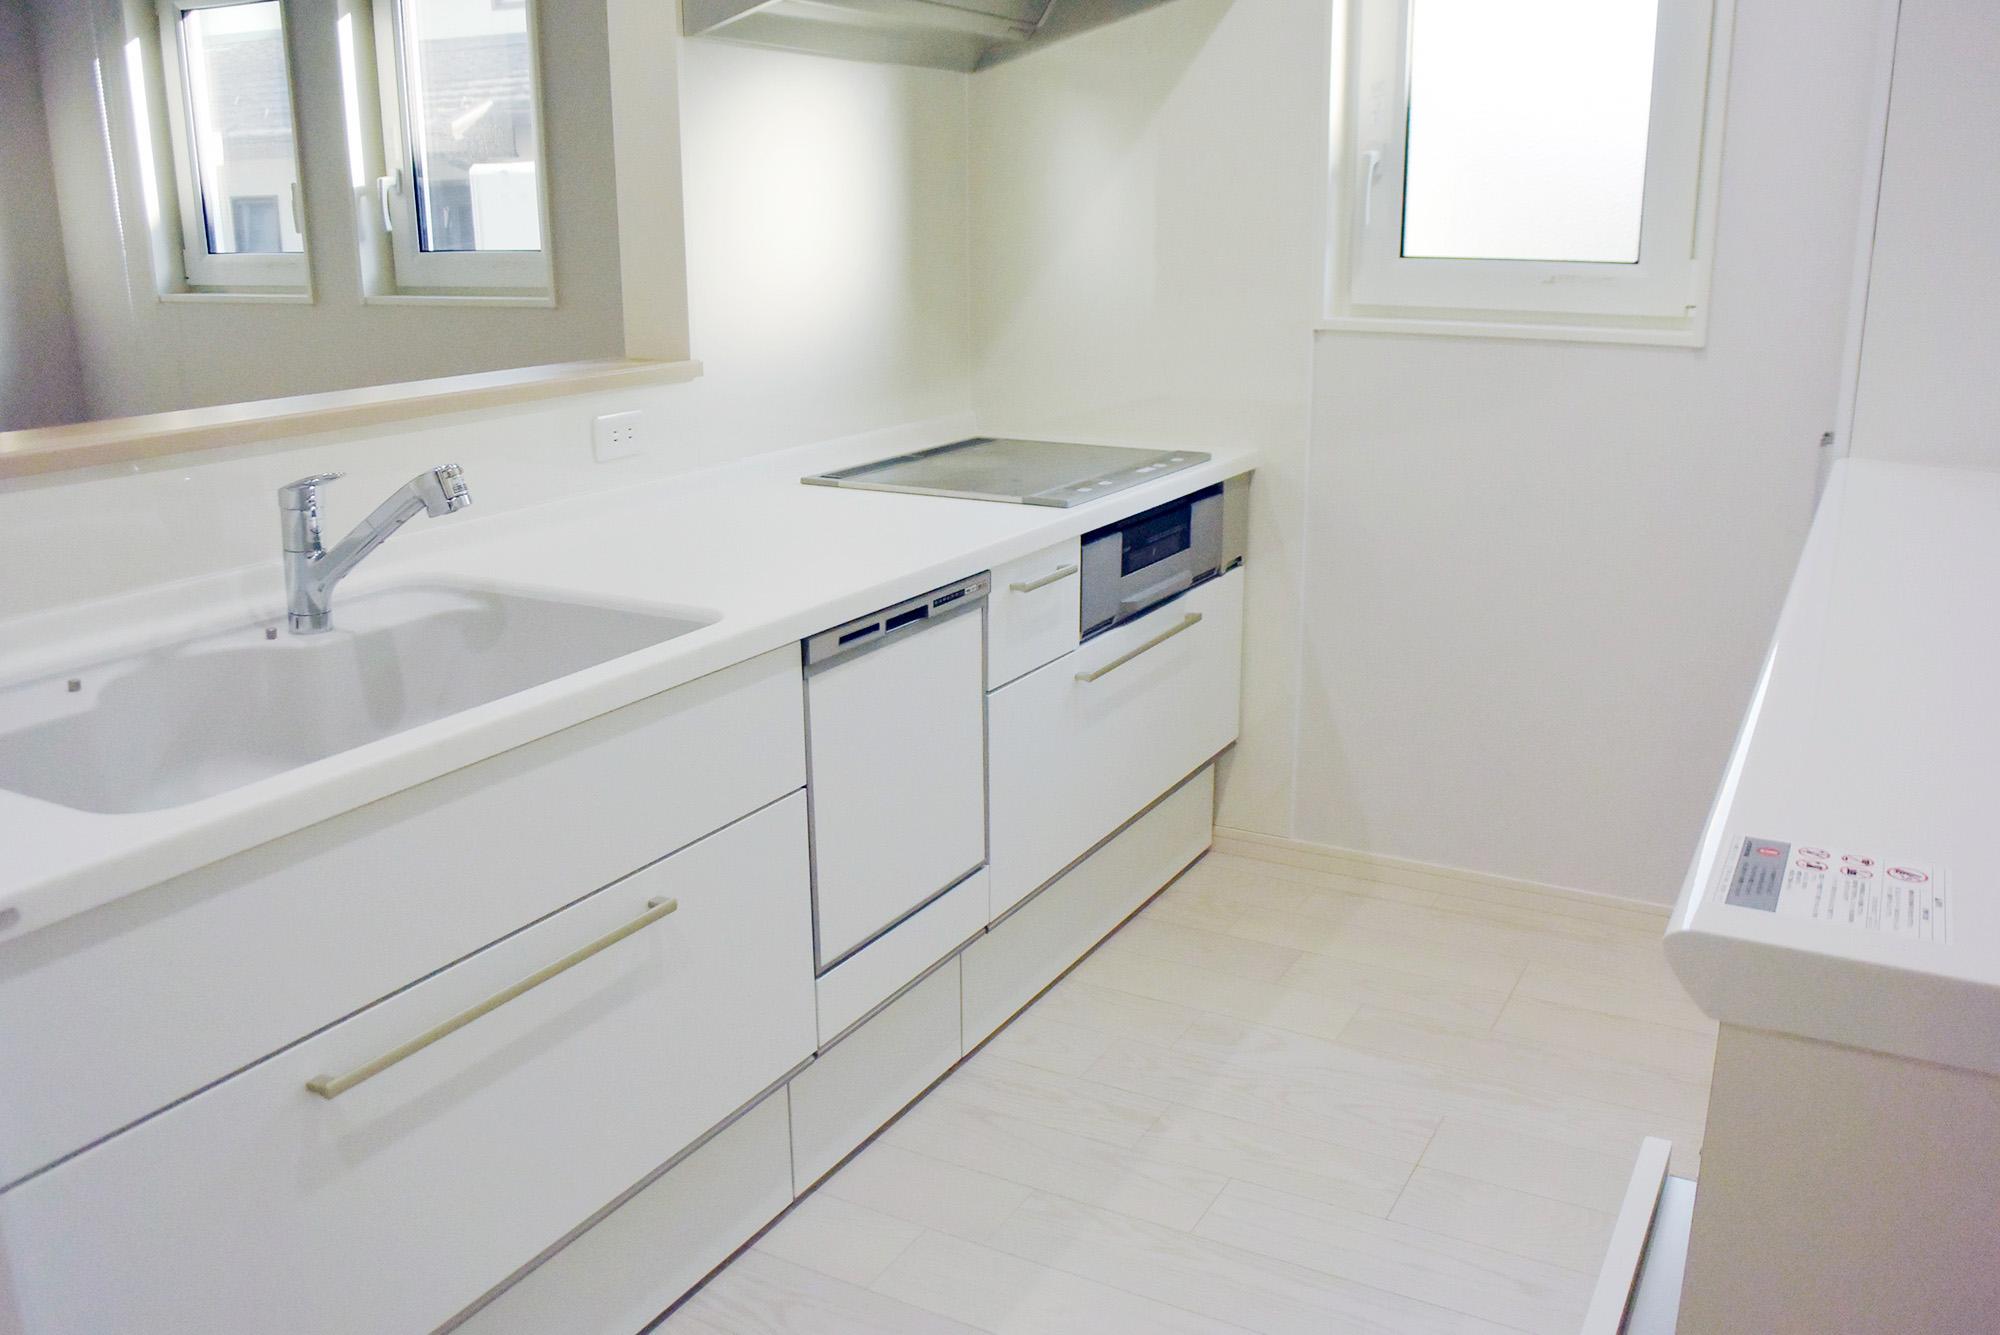 白く清潔なイメージのキッチンスペース。